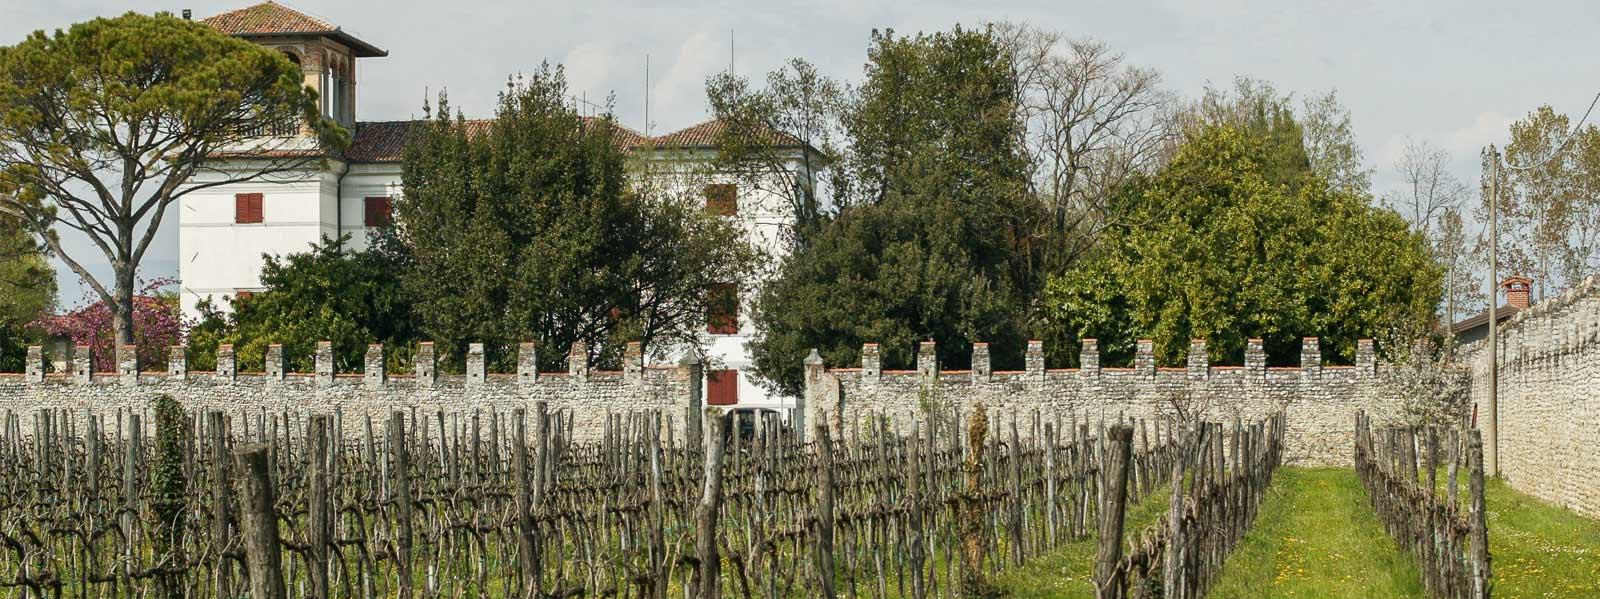 Le Radici del Vino: San Giorgio della Richinvelda entra nell'Associazione nazionale